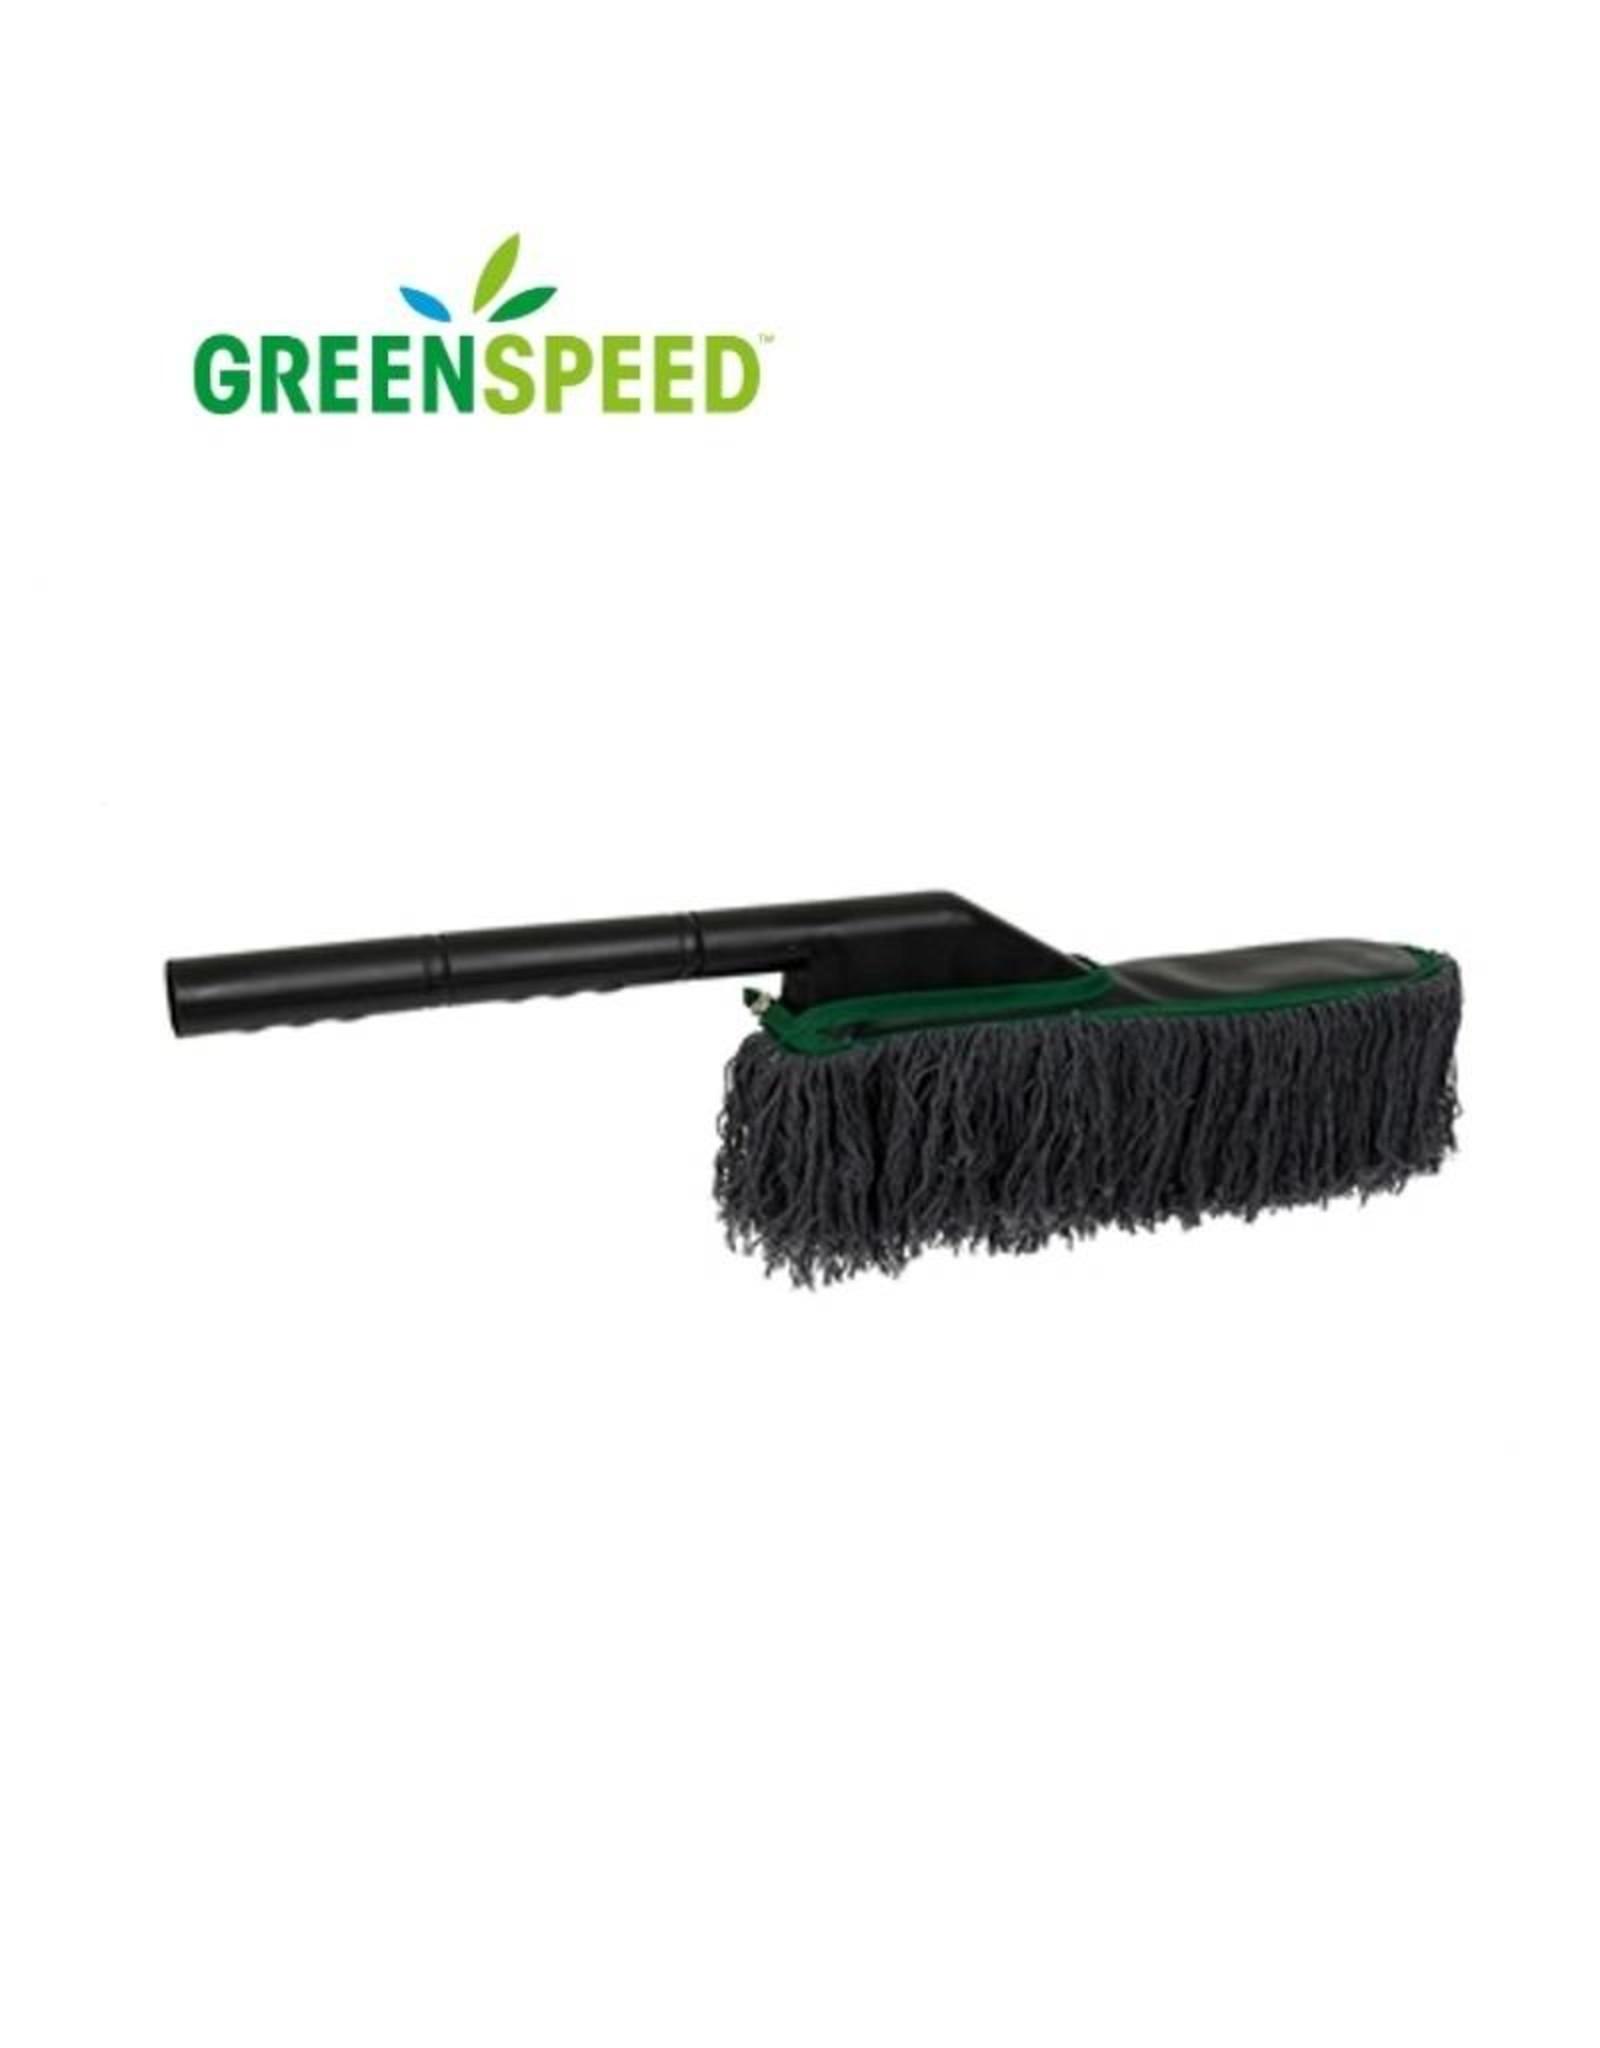 Greenspeed LargeDuster van Greenspeed